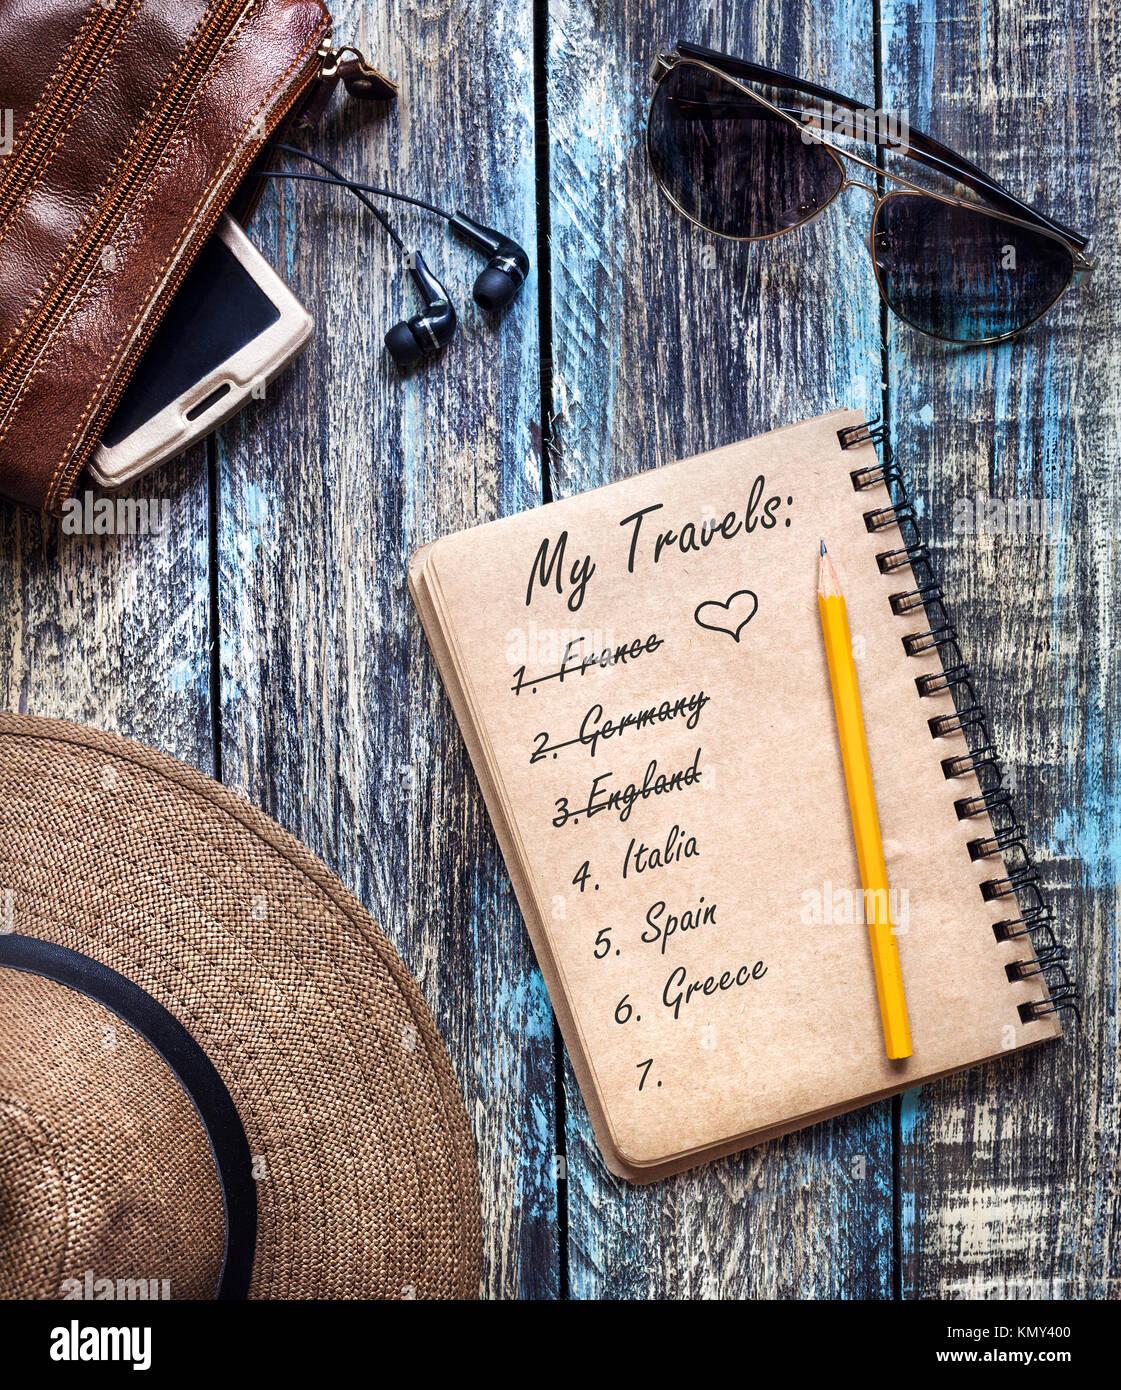 Vintage agenda papier avec Voyage de rêve liste des pays de l'Europe sur la table rustique en bois Photo Stock